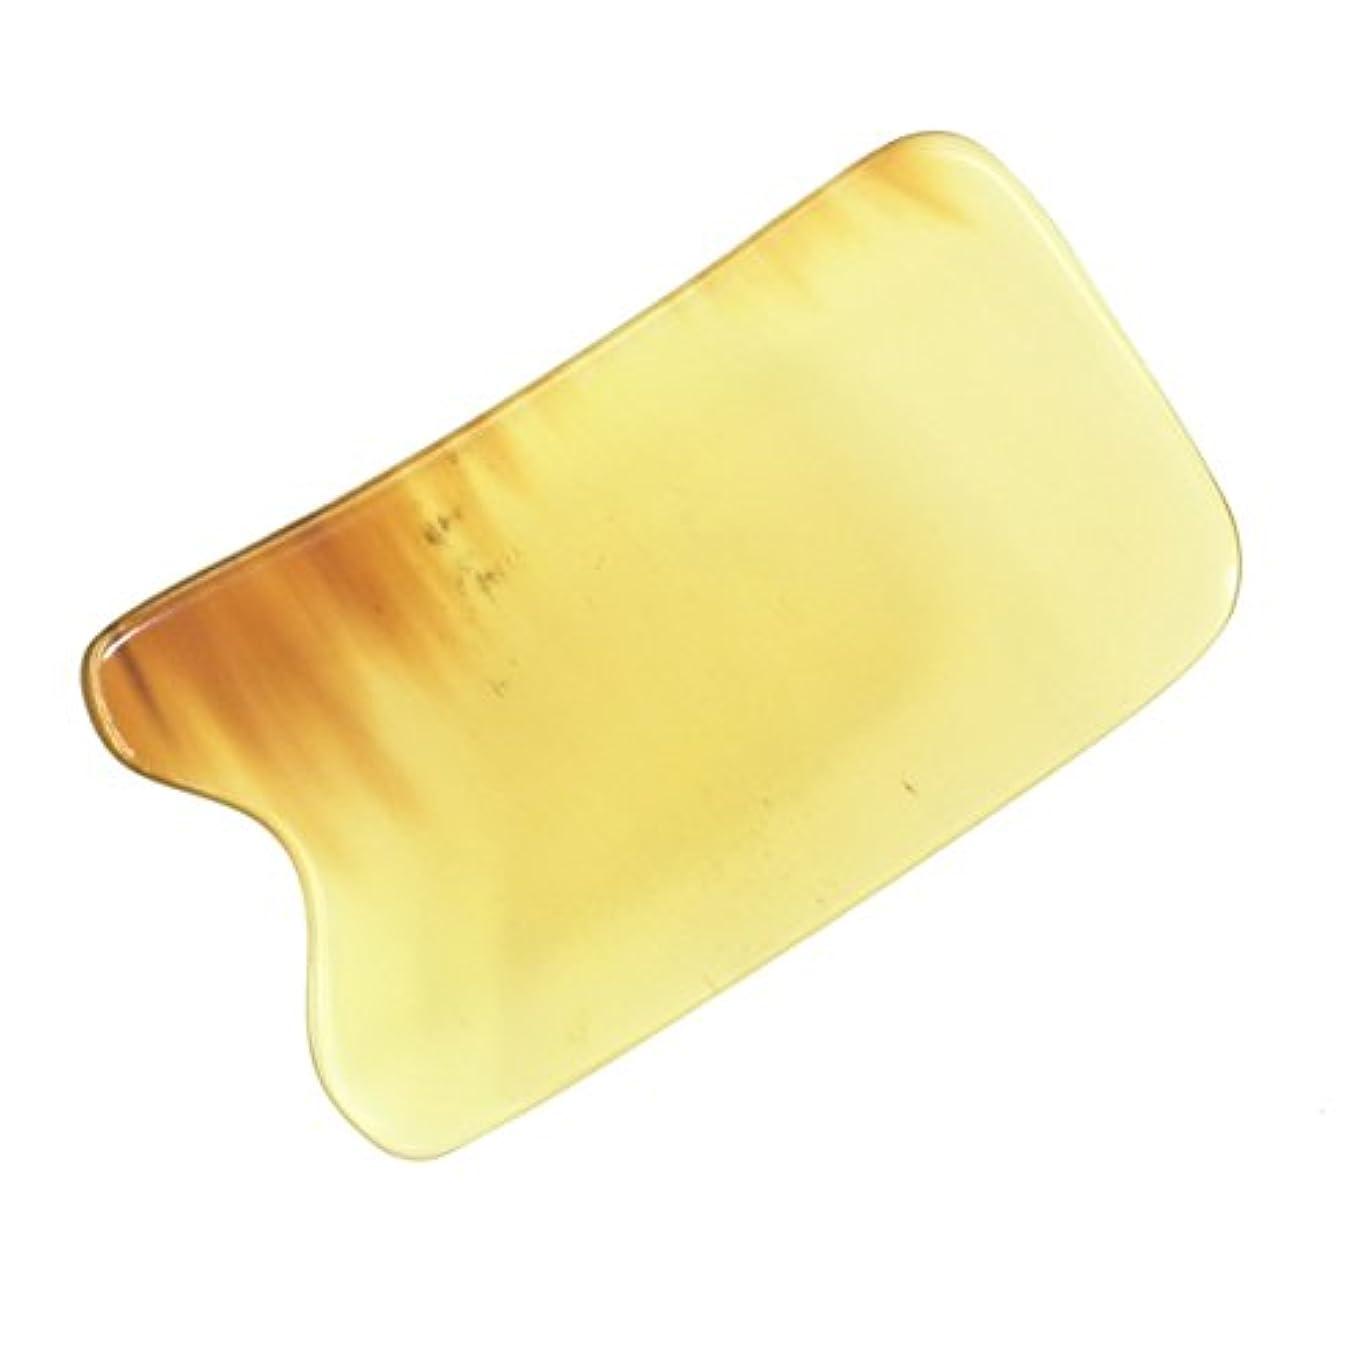 価値のない真夜中割り当てかっさ プレート 厚さが選べる 水牛の角(黄水牛角) EHE219 四角凹 一般品 少し薄め (4ミリ程度)